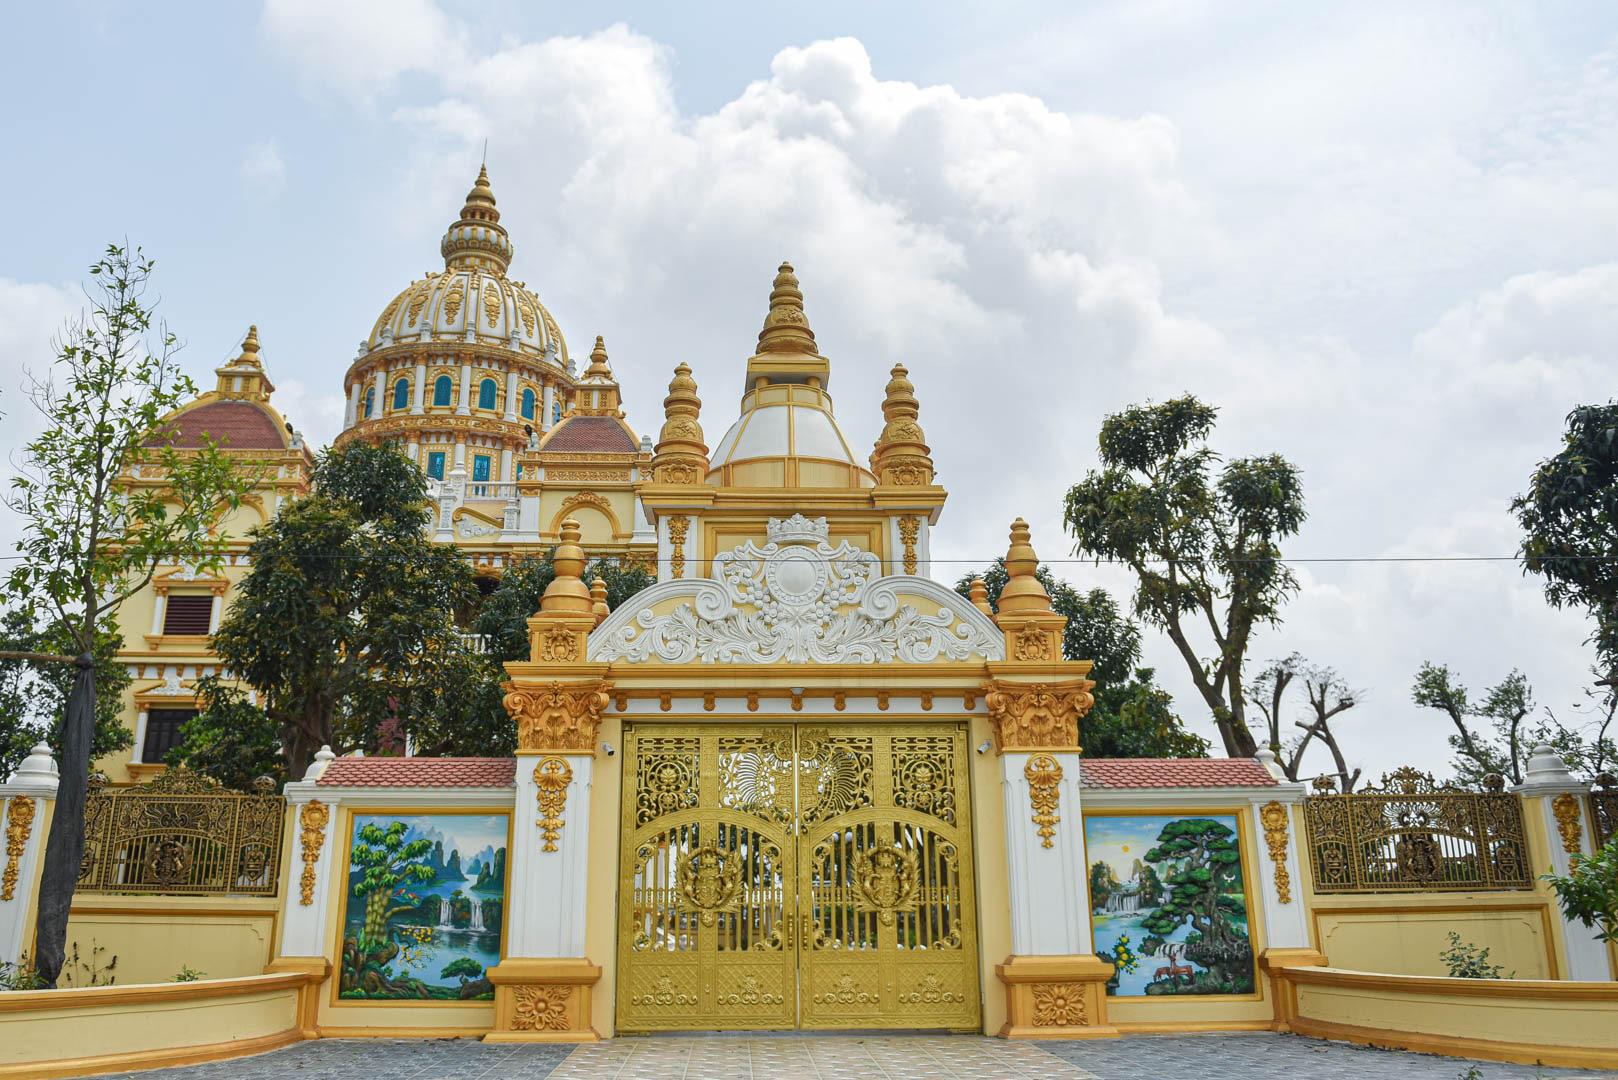 """Lâu đài """"dát vàng"""", bên trong toàn nội thất đắt đỏ của đại gia ở Hưng Yên - Ảnh 3."""